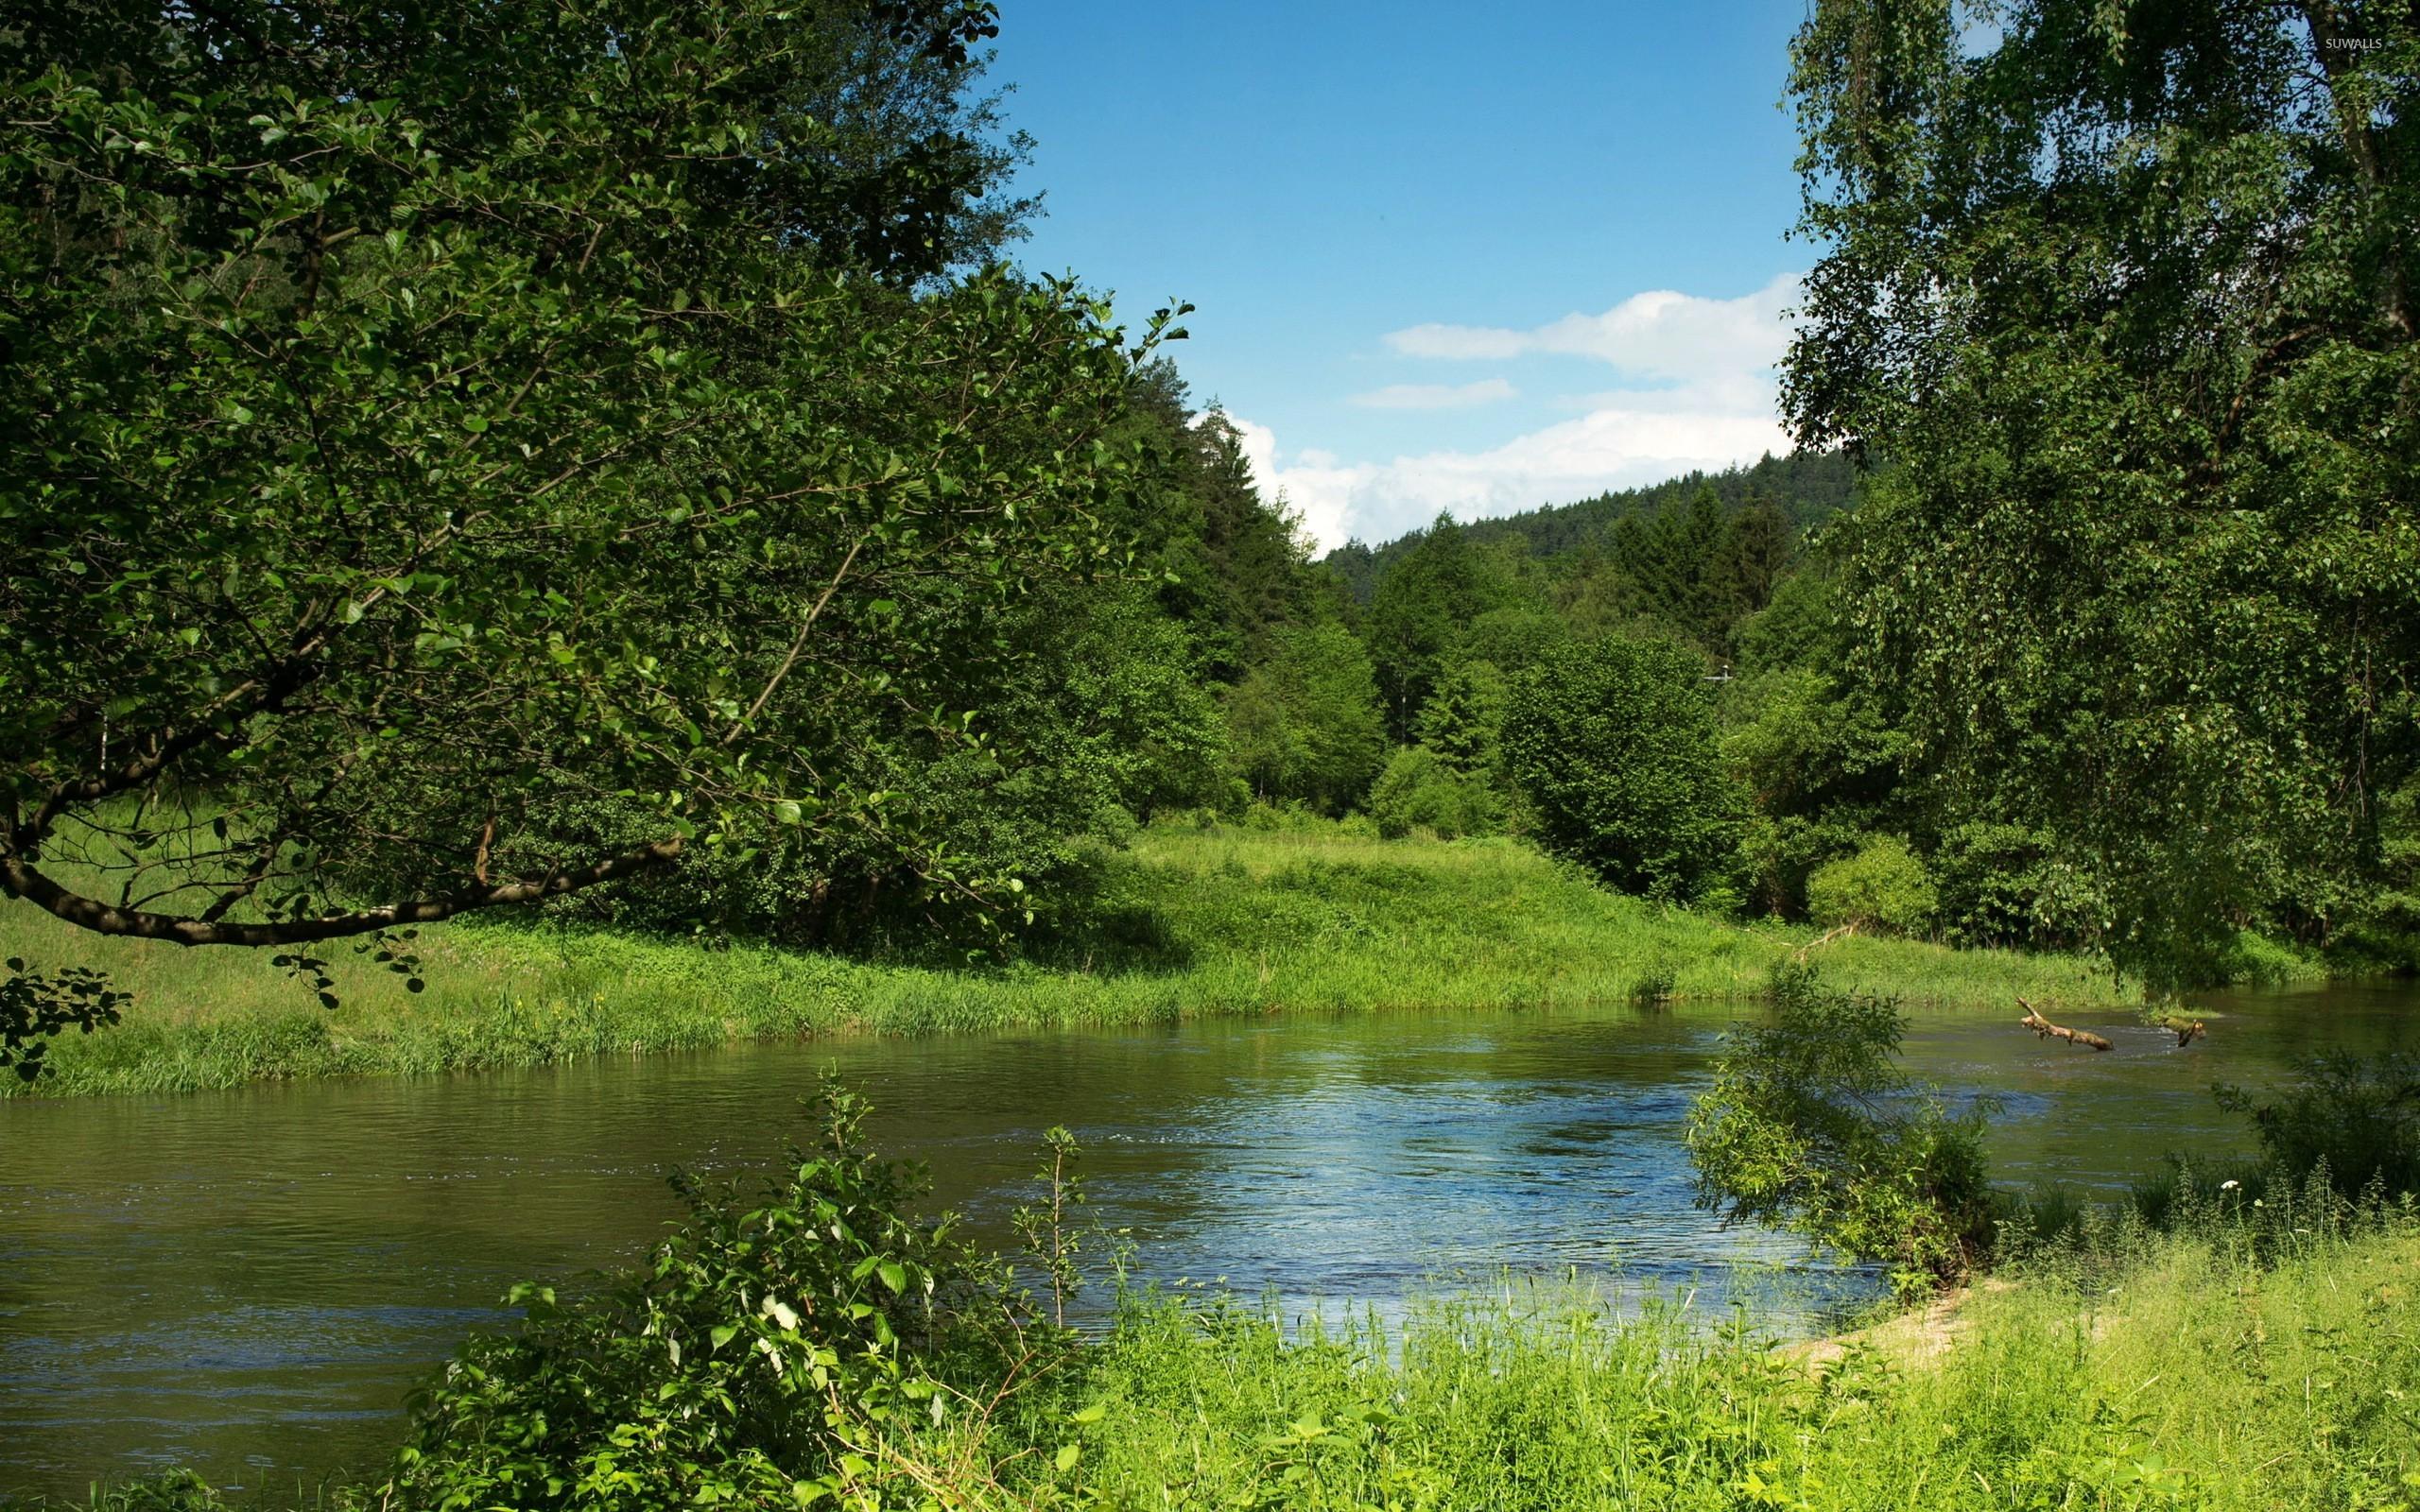 Green River (North Carolina)